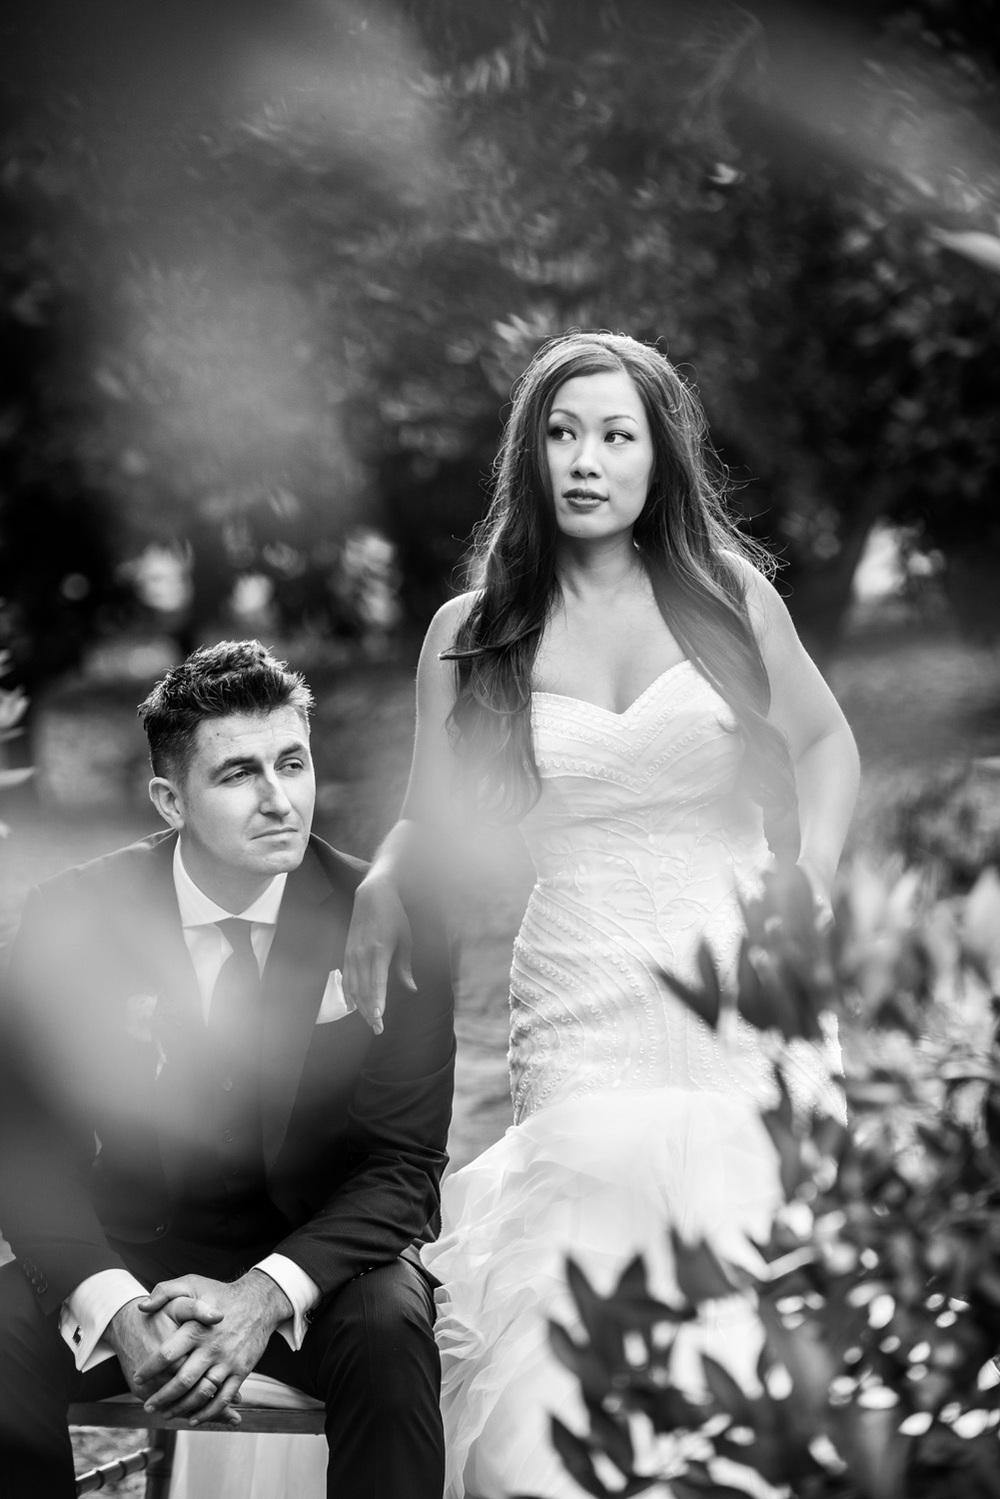 realcouple_styledshoot_redlands_prospectpark_wedding_bw